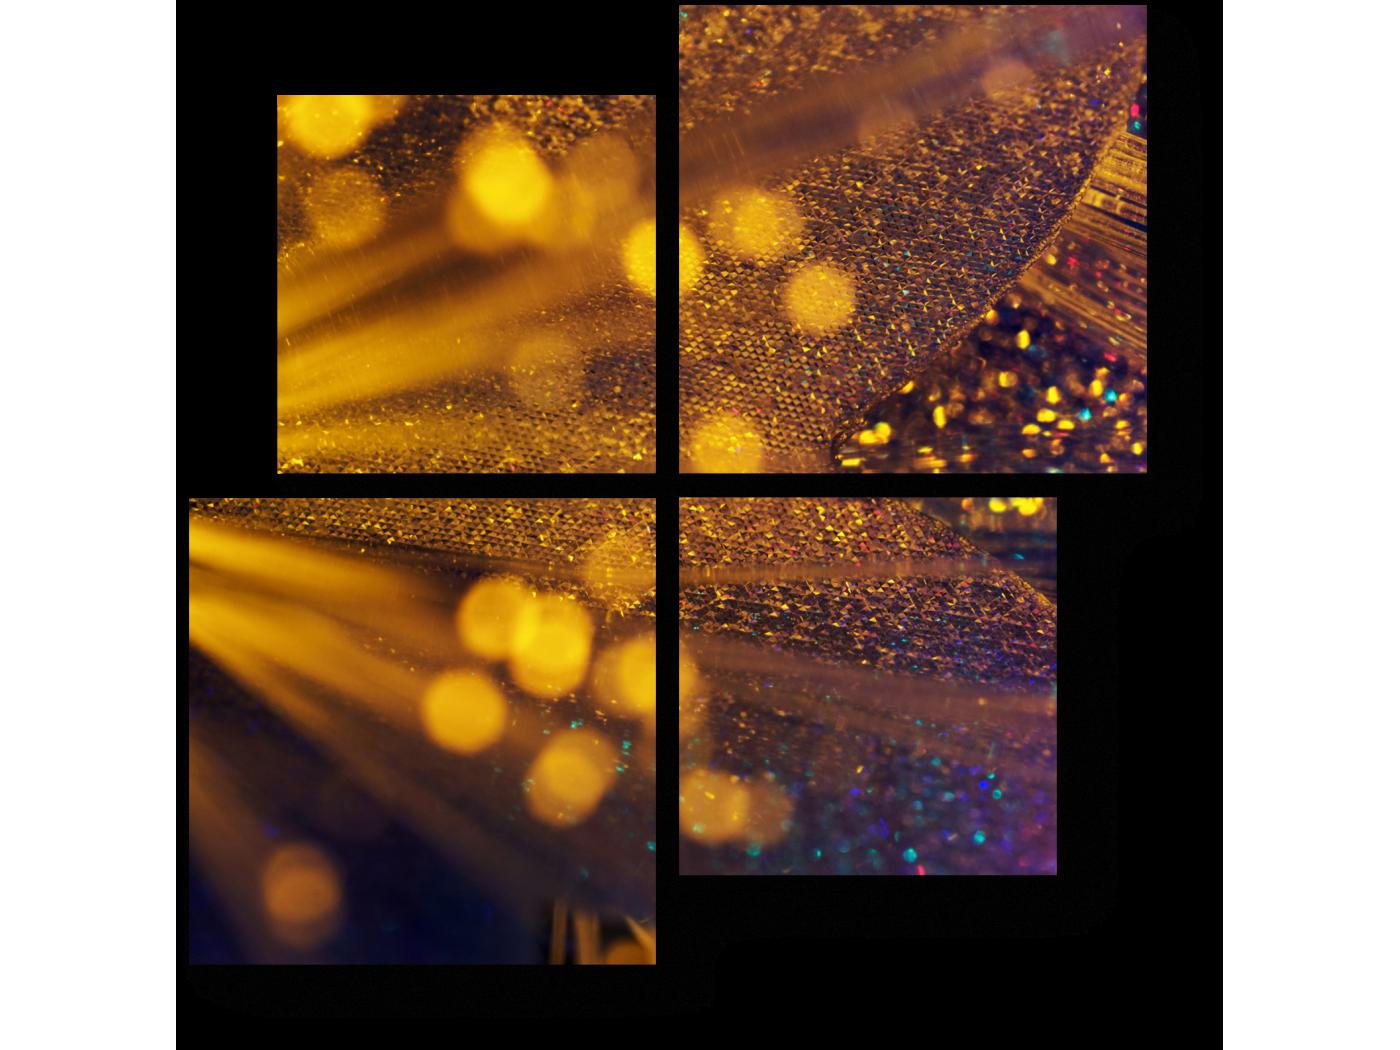 Модульная картина Магическое свечение (50x50) фото